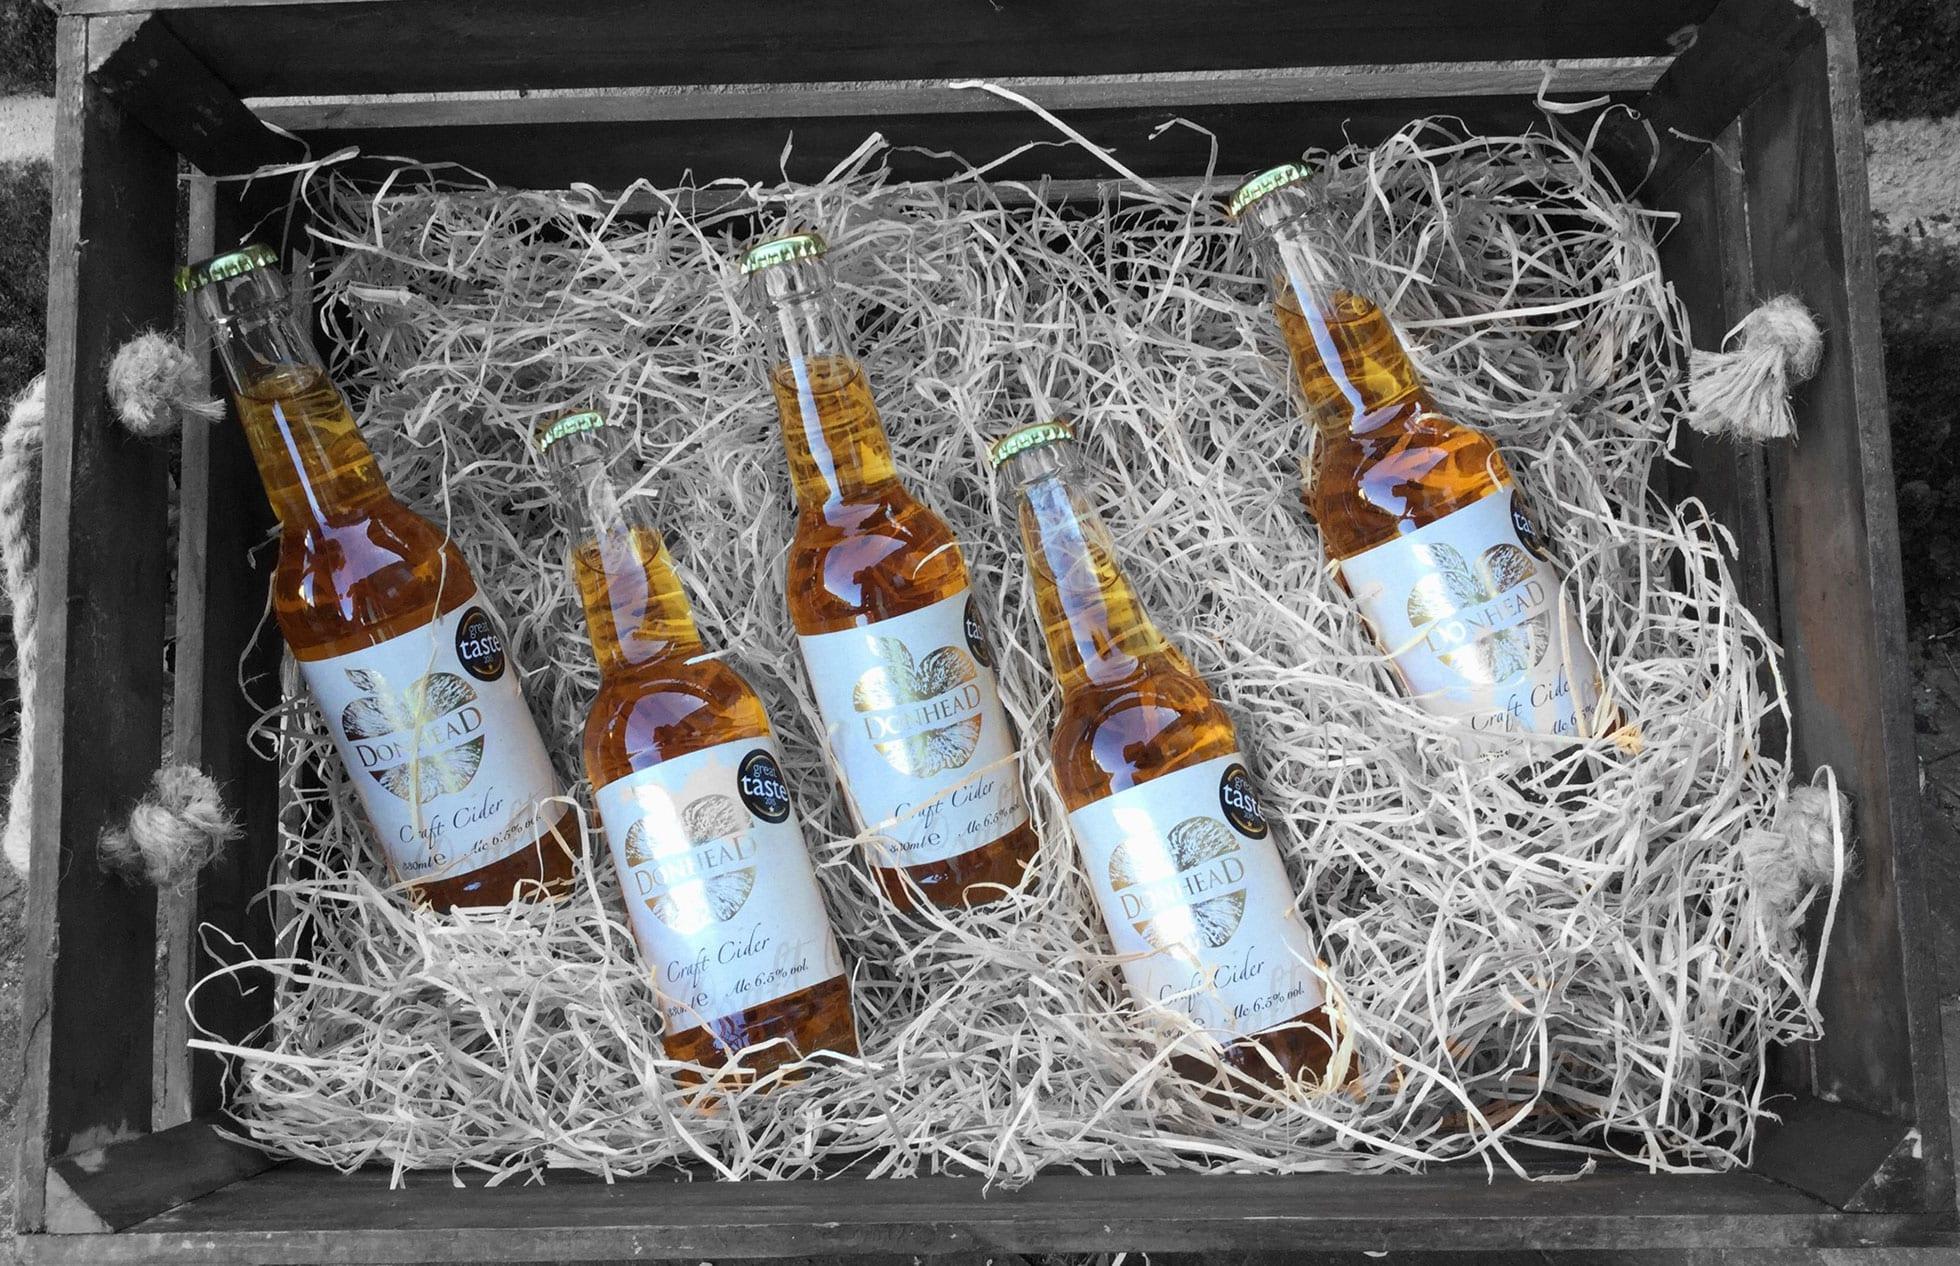 Donhead cider basket